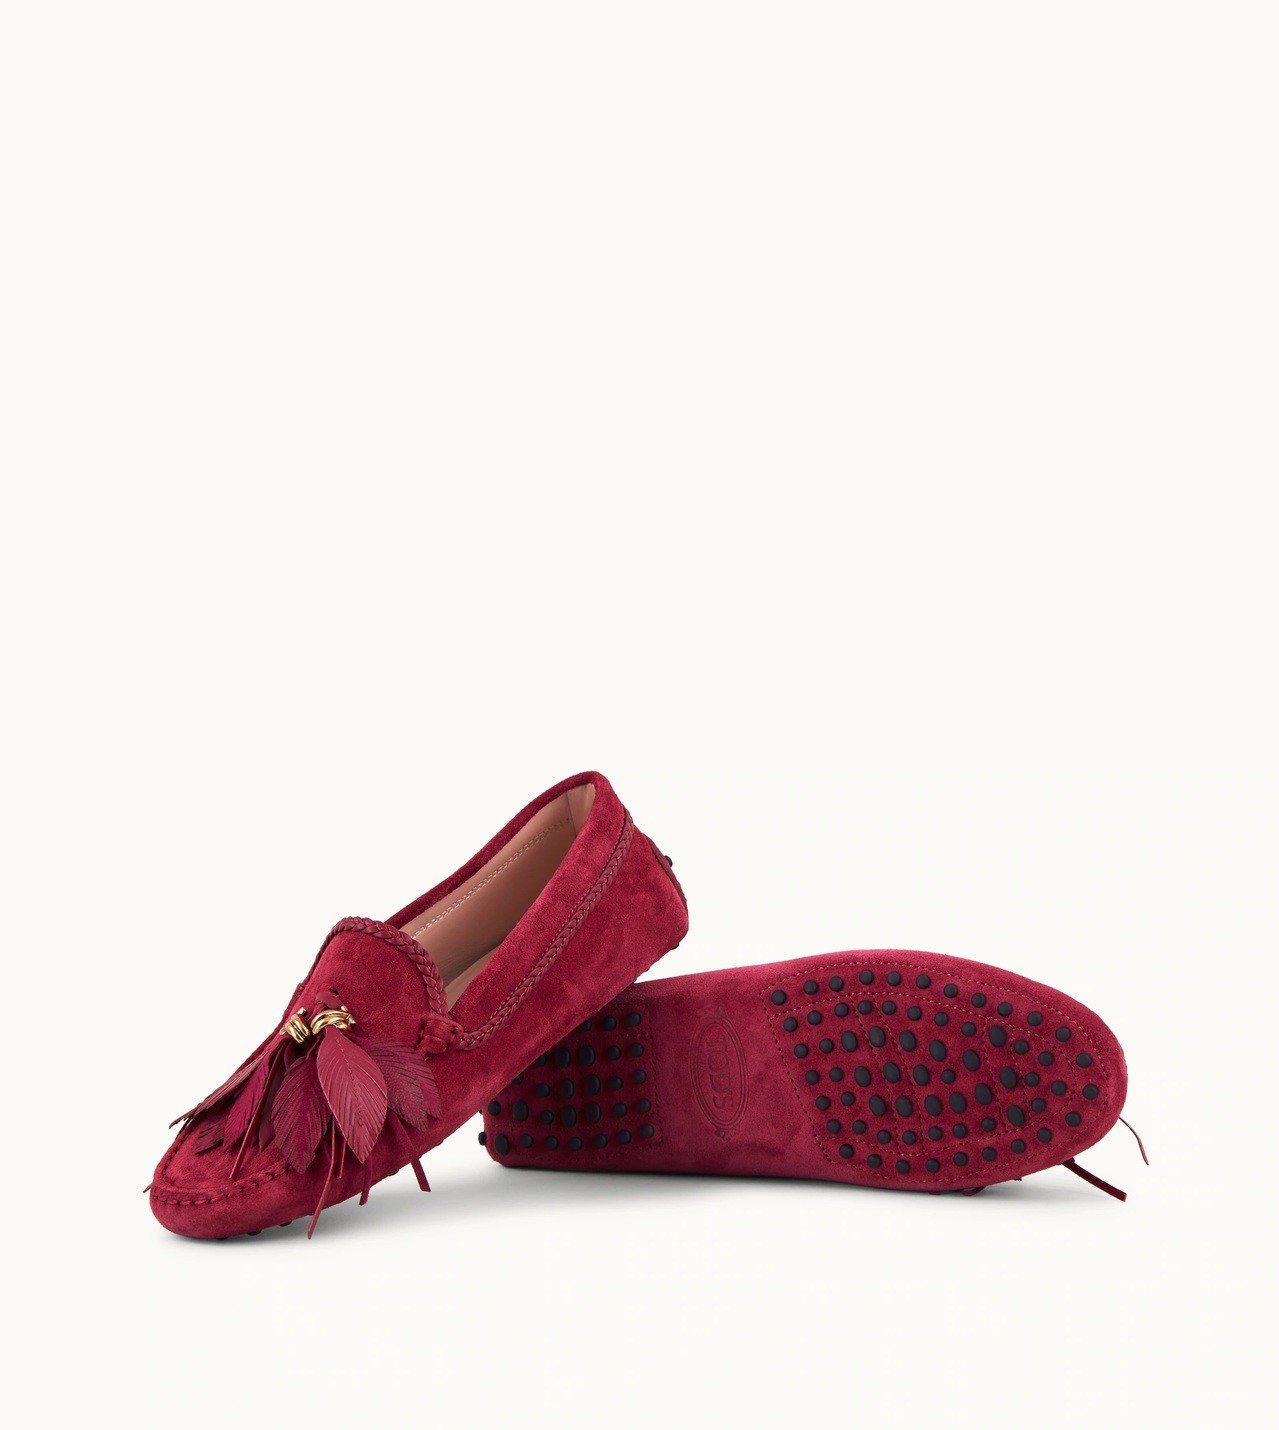 羽毛綴飾女士豆豆鞋,售價23,100元。圖/TODS提供